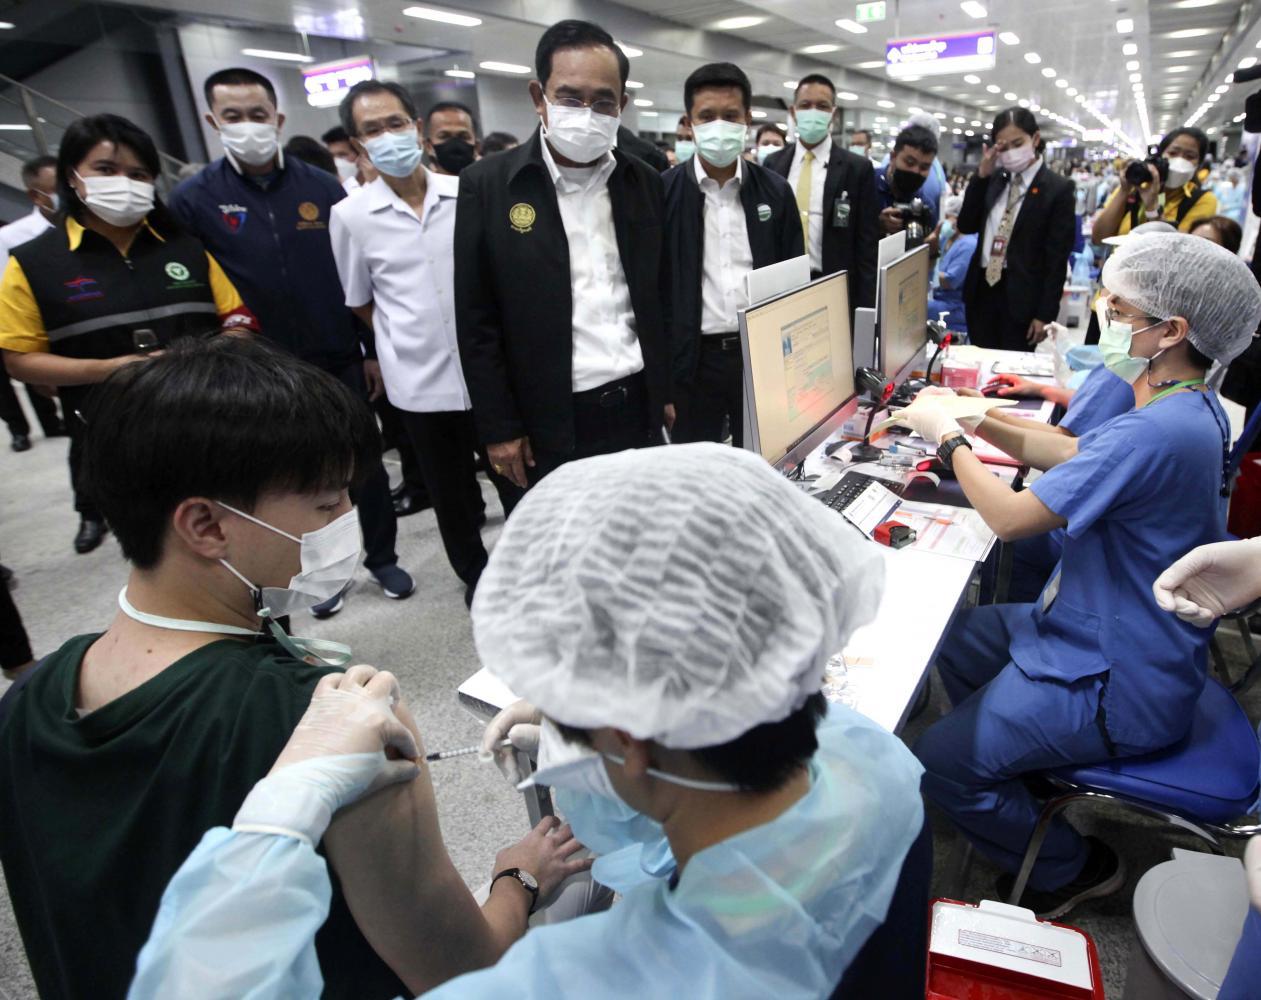 PM Prayut Chan-o-cha watches as a jab is administered at Bang Sue Grand Station.Pattarapong Chatpattarasill